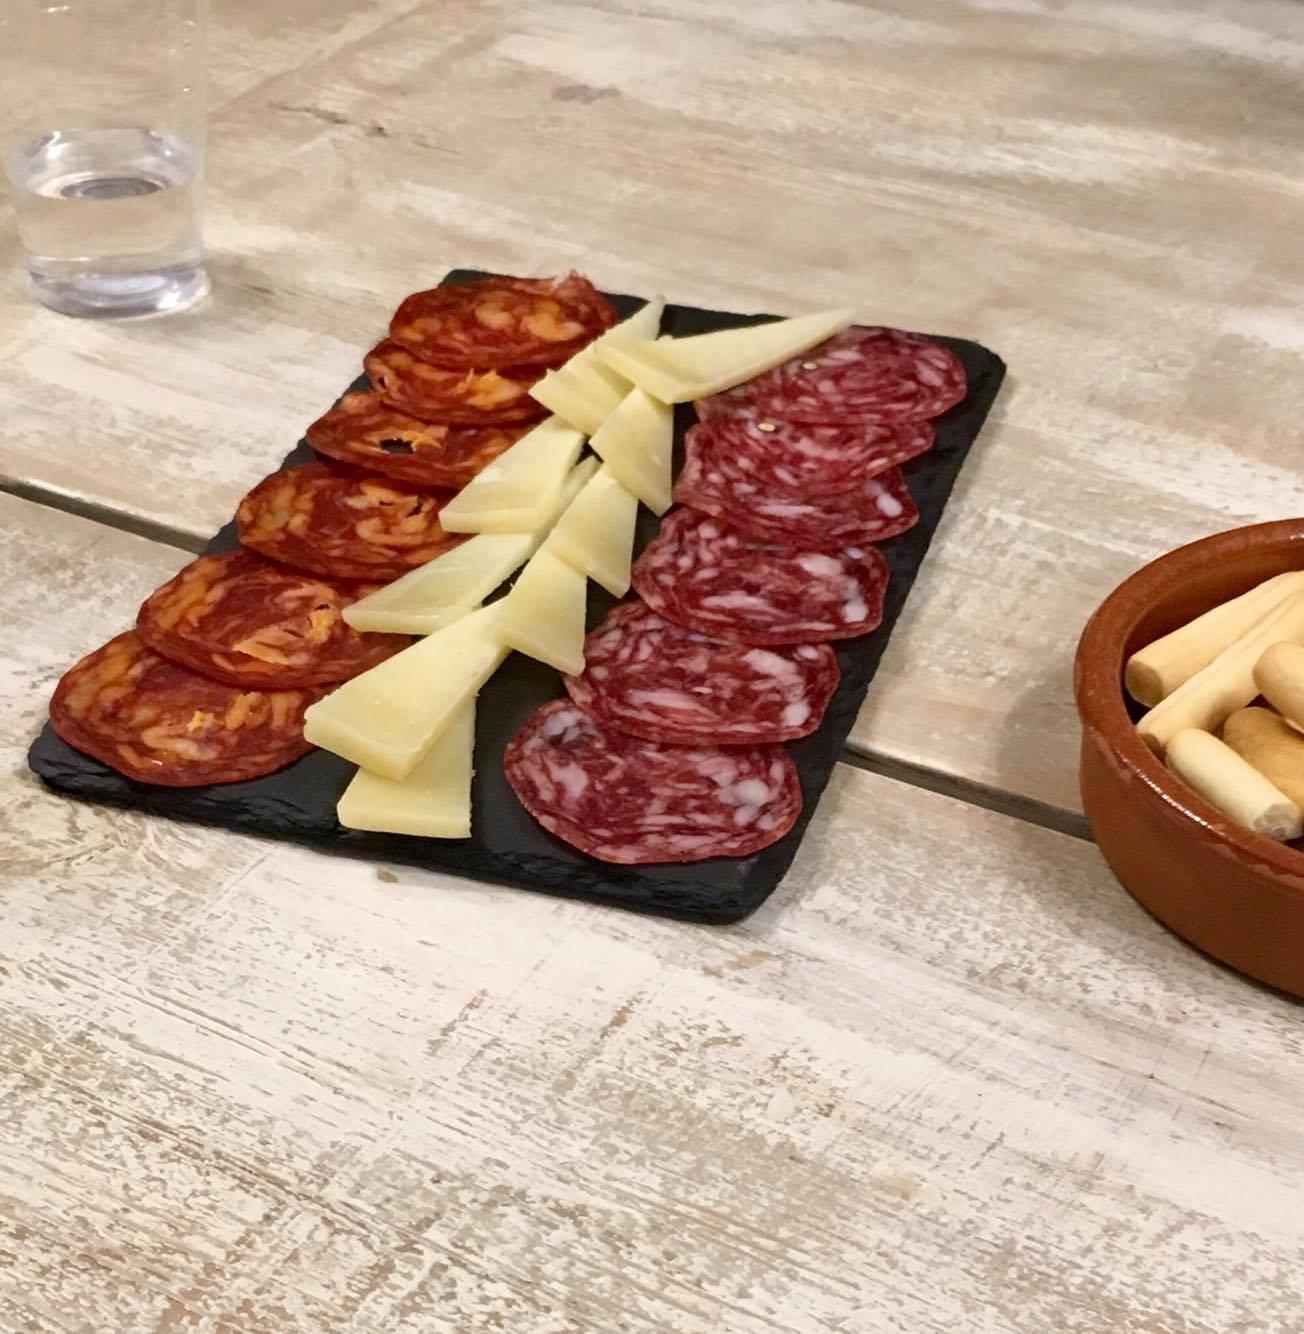 Chorizo, Manchego cheese, and salami